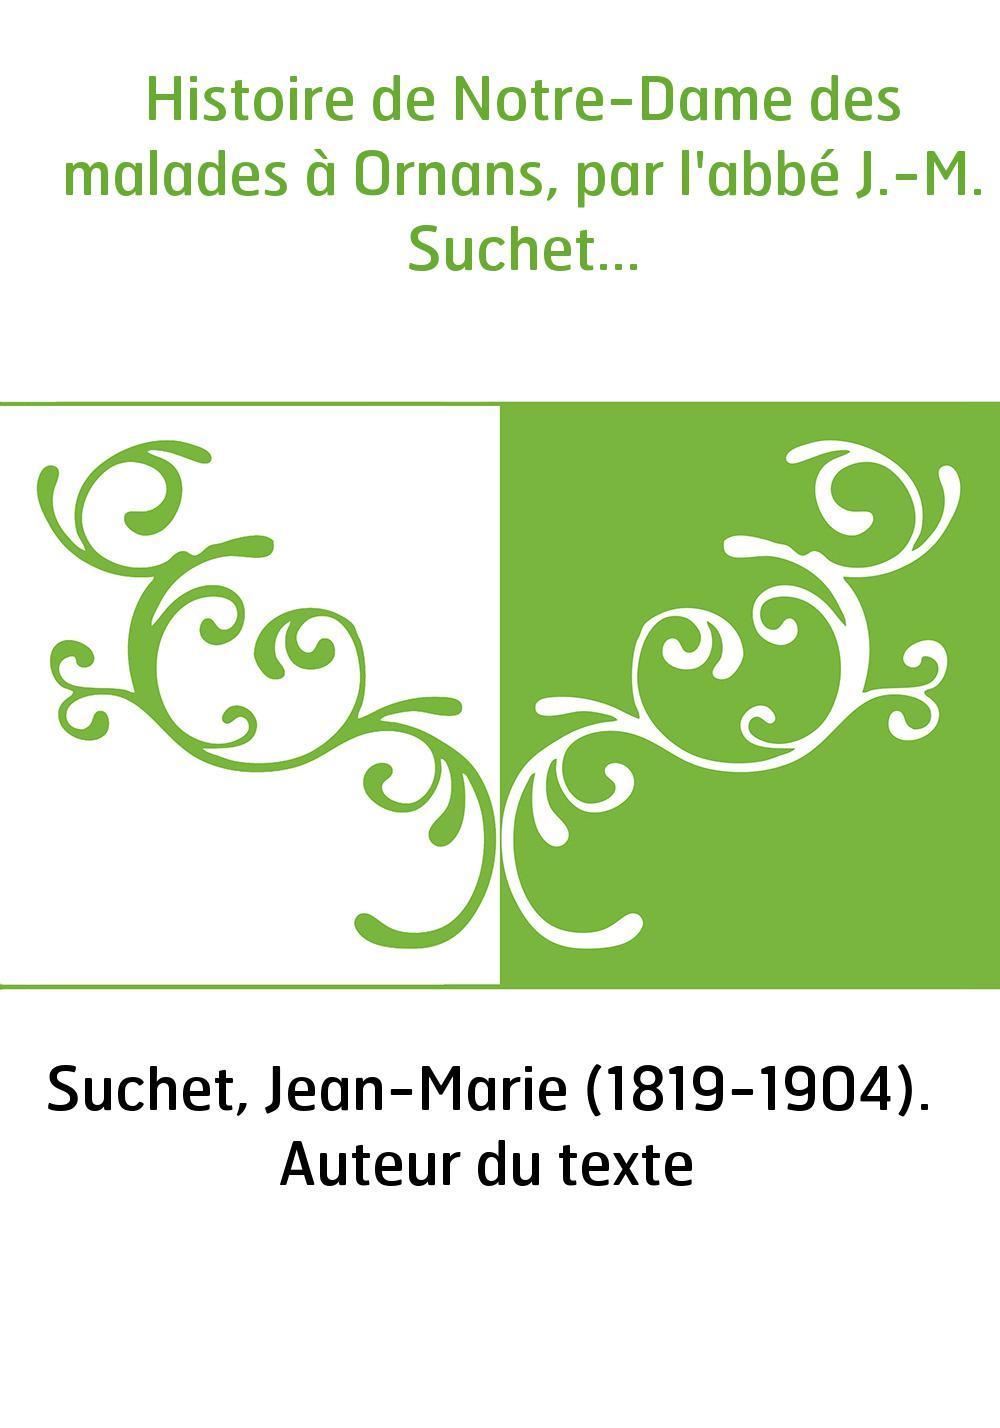 Histoire de Notre-Dame des malades à Ornans, par l'abbé J.-M. Suchet...